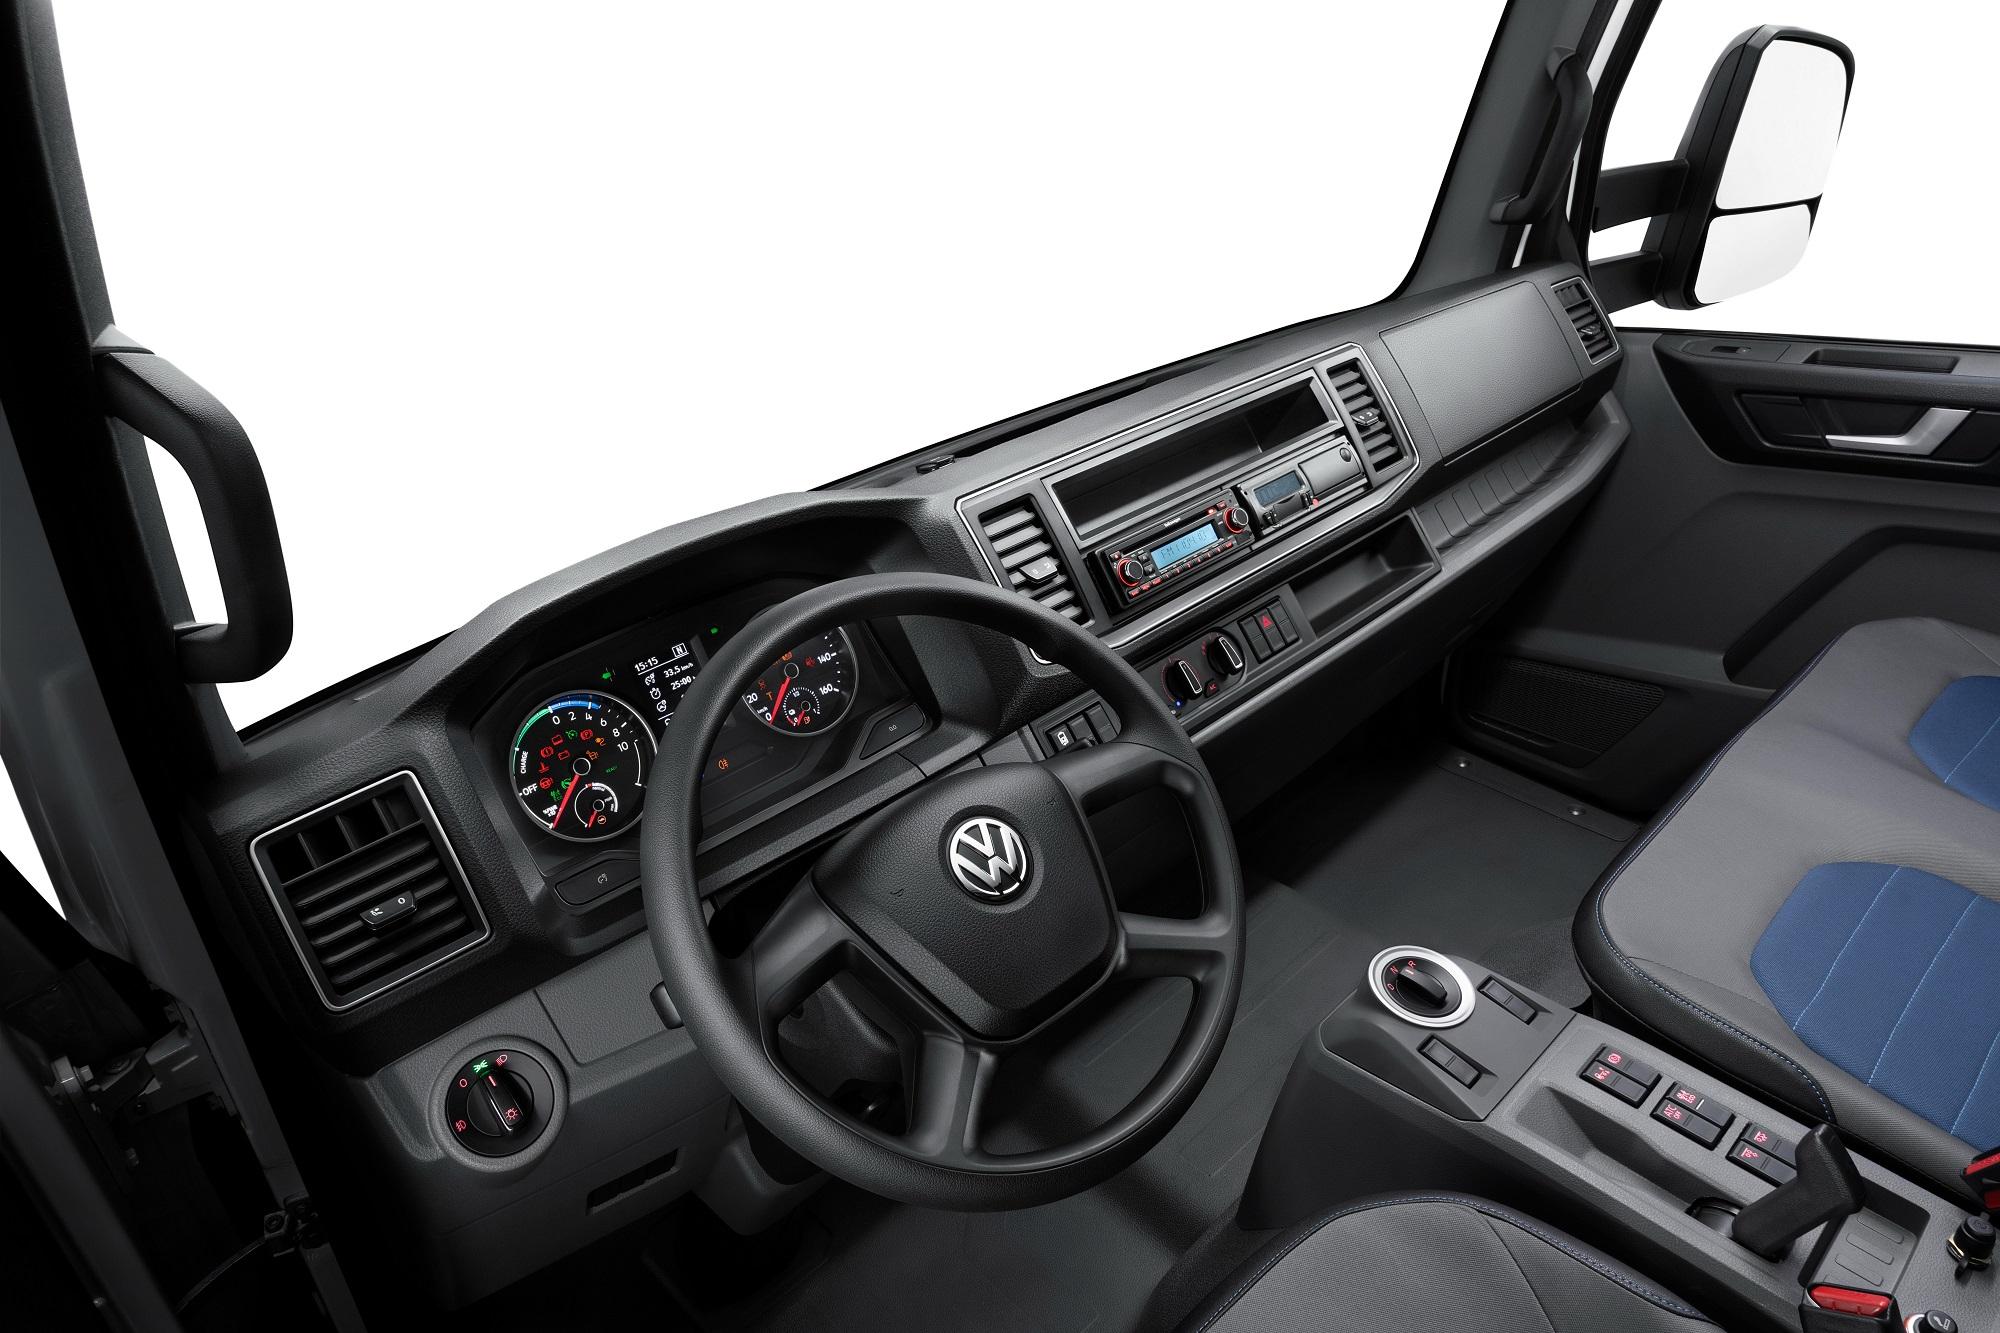 Cabine tem aquecimento e ar-condicionado independentes e isolamento de ruído dos freios, em busca de silêncio máximo